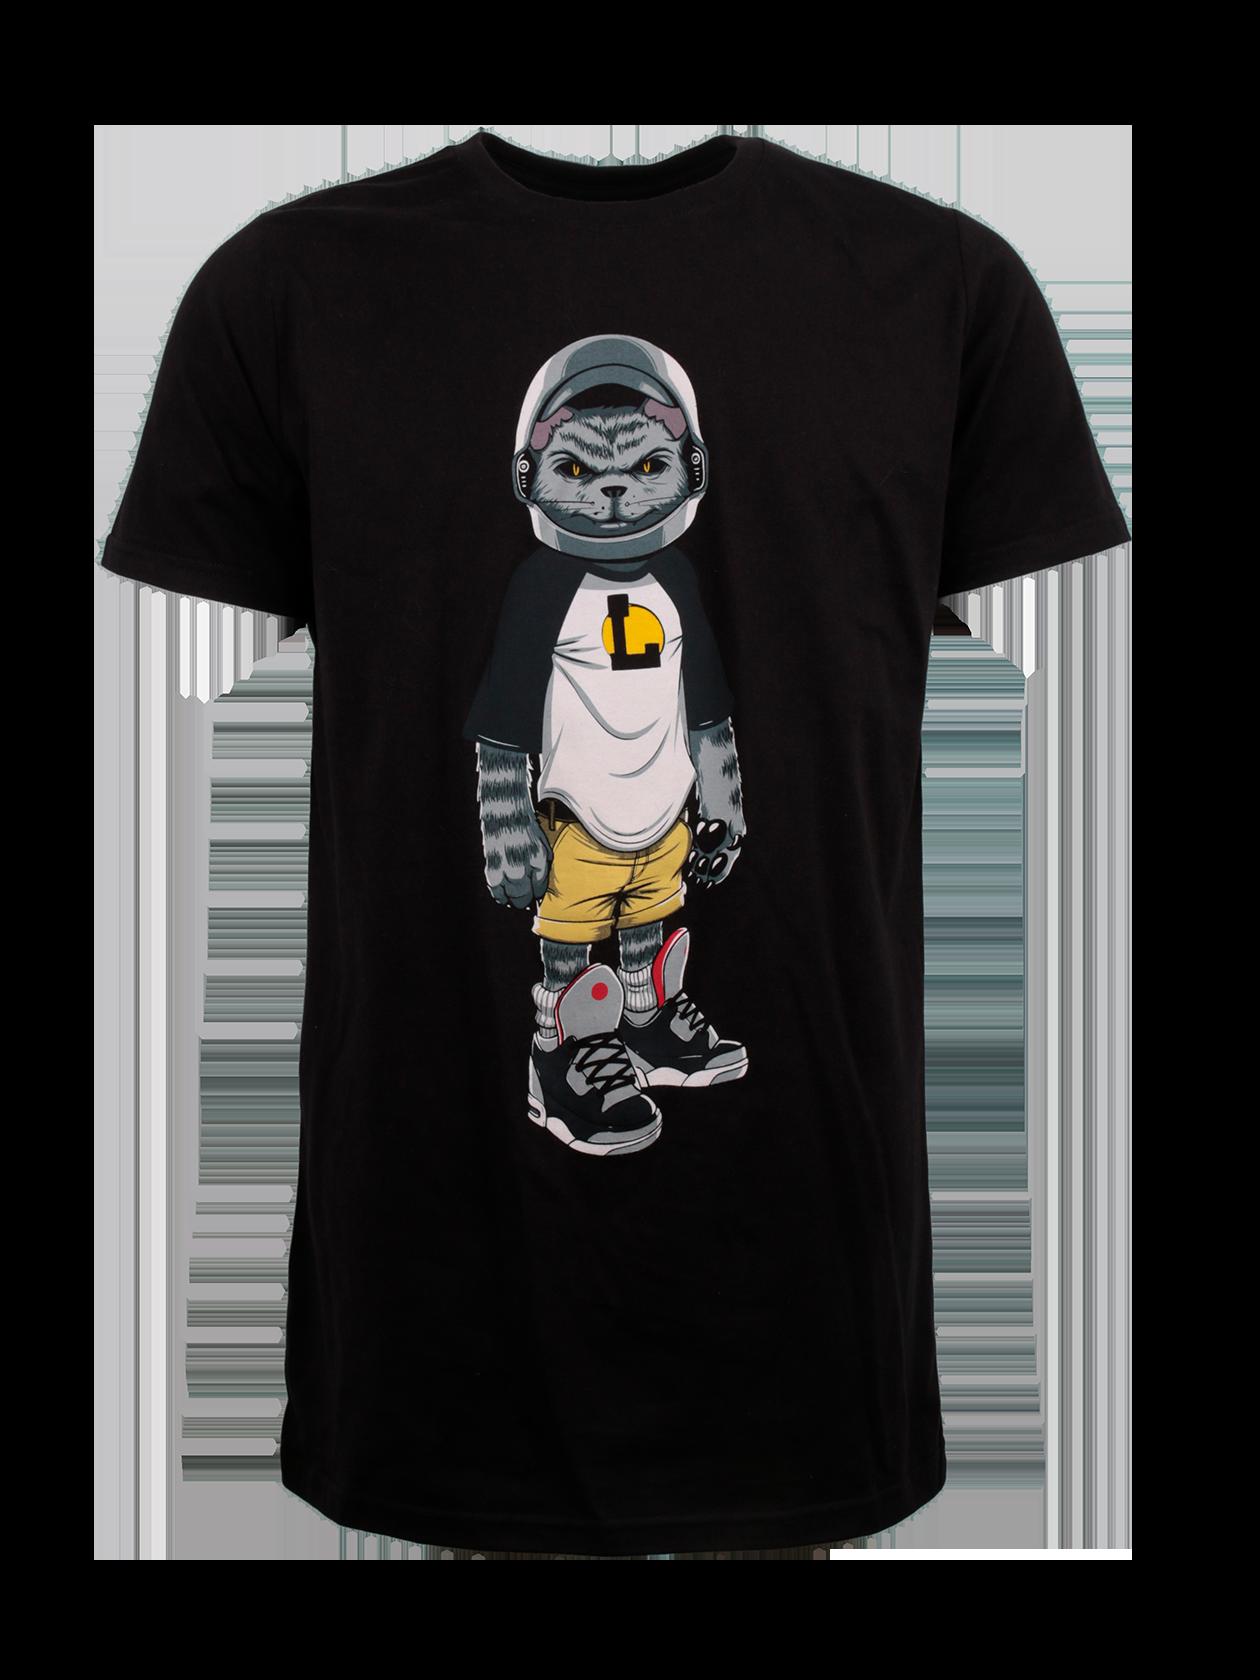 Футболка унисекс CATЯркая футболка унисекс Cat с оригинальным принтом в виде кота в шлеме – стильная вещь из мерча популярного артиста L`one Гравитация. Модель базовой черной расцветки отлично комбинируется с повседневным и спортивным гардеробом. Изделие прямого свободного фасона с удлиненным силуэтом. Горловина круглой формы, для удобства надевания оформлена эластичным кантом, внутри жаккардовая нашивка с логотипом Black Star Wear. Созданная из натурального хлопка премиального качества, футболка выделяется высокой практичностью.<br><br>Размер: XS<br>Цвет: Черный<br>Пол: Женский